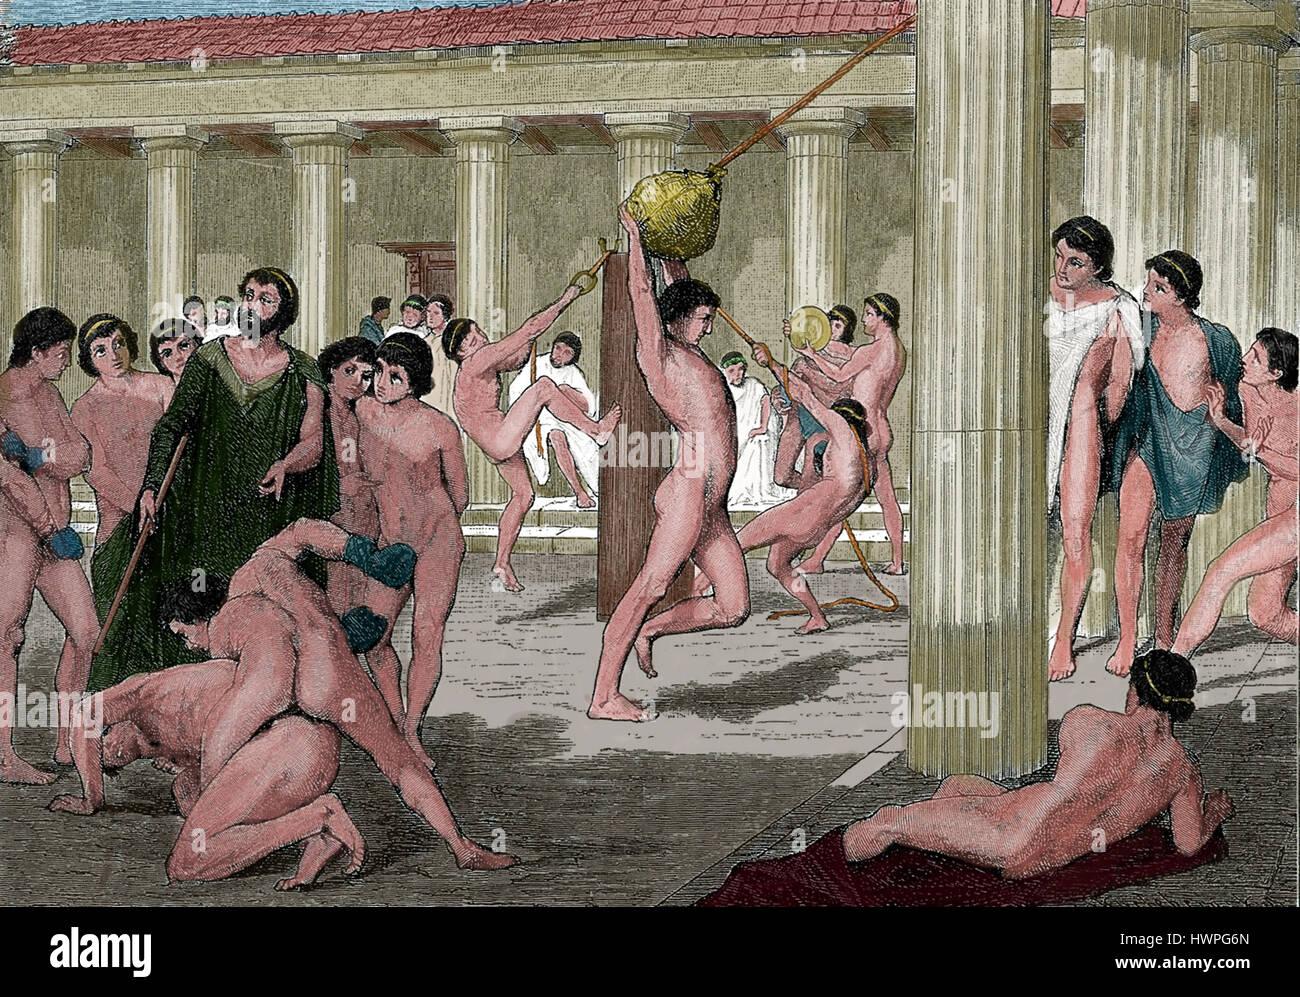 L'antiquité classique. Agoge. programme d'éducation et de formation par les citoyens spartiates. Photo Stock